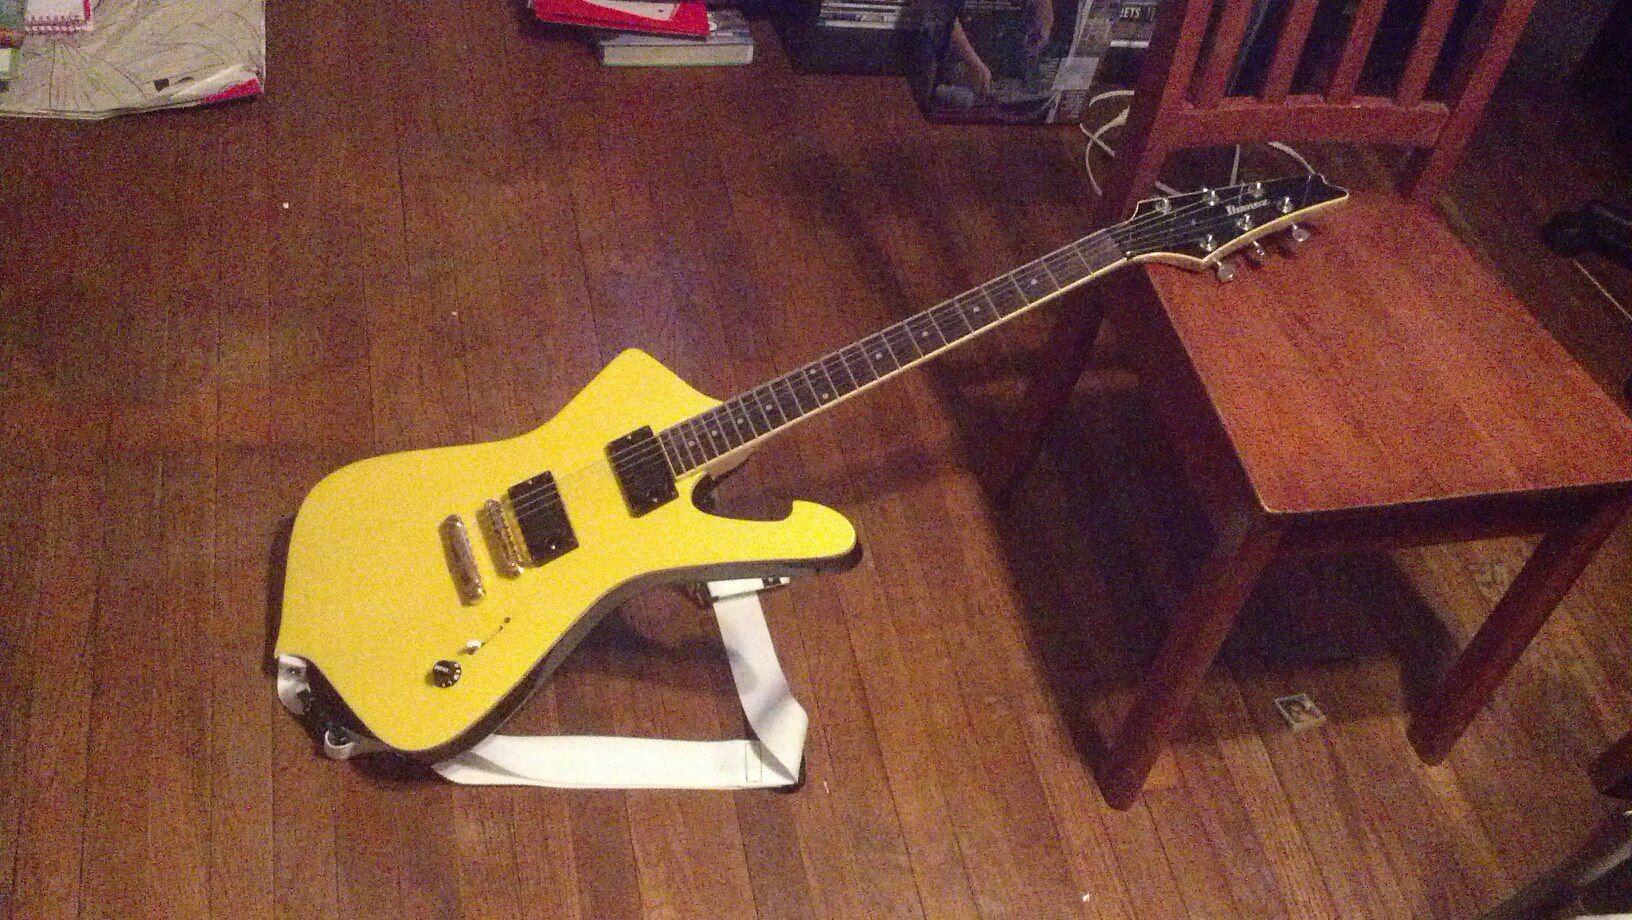 Ibanez Iceman Ic300 | Ibanez Iceman guitars and basses ...